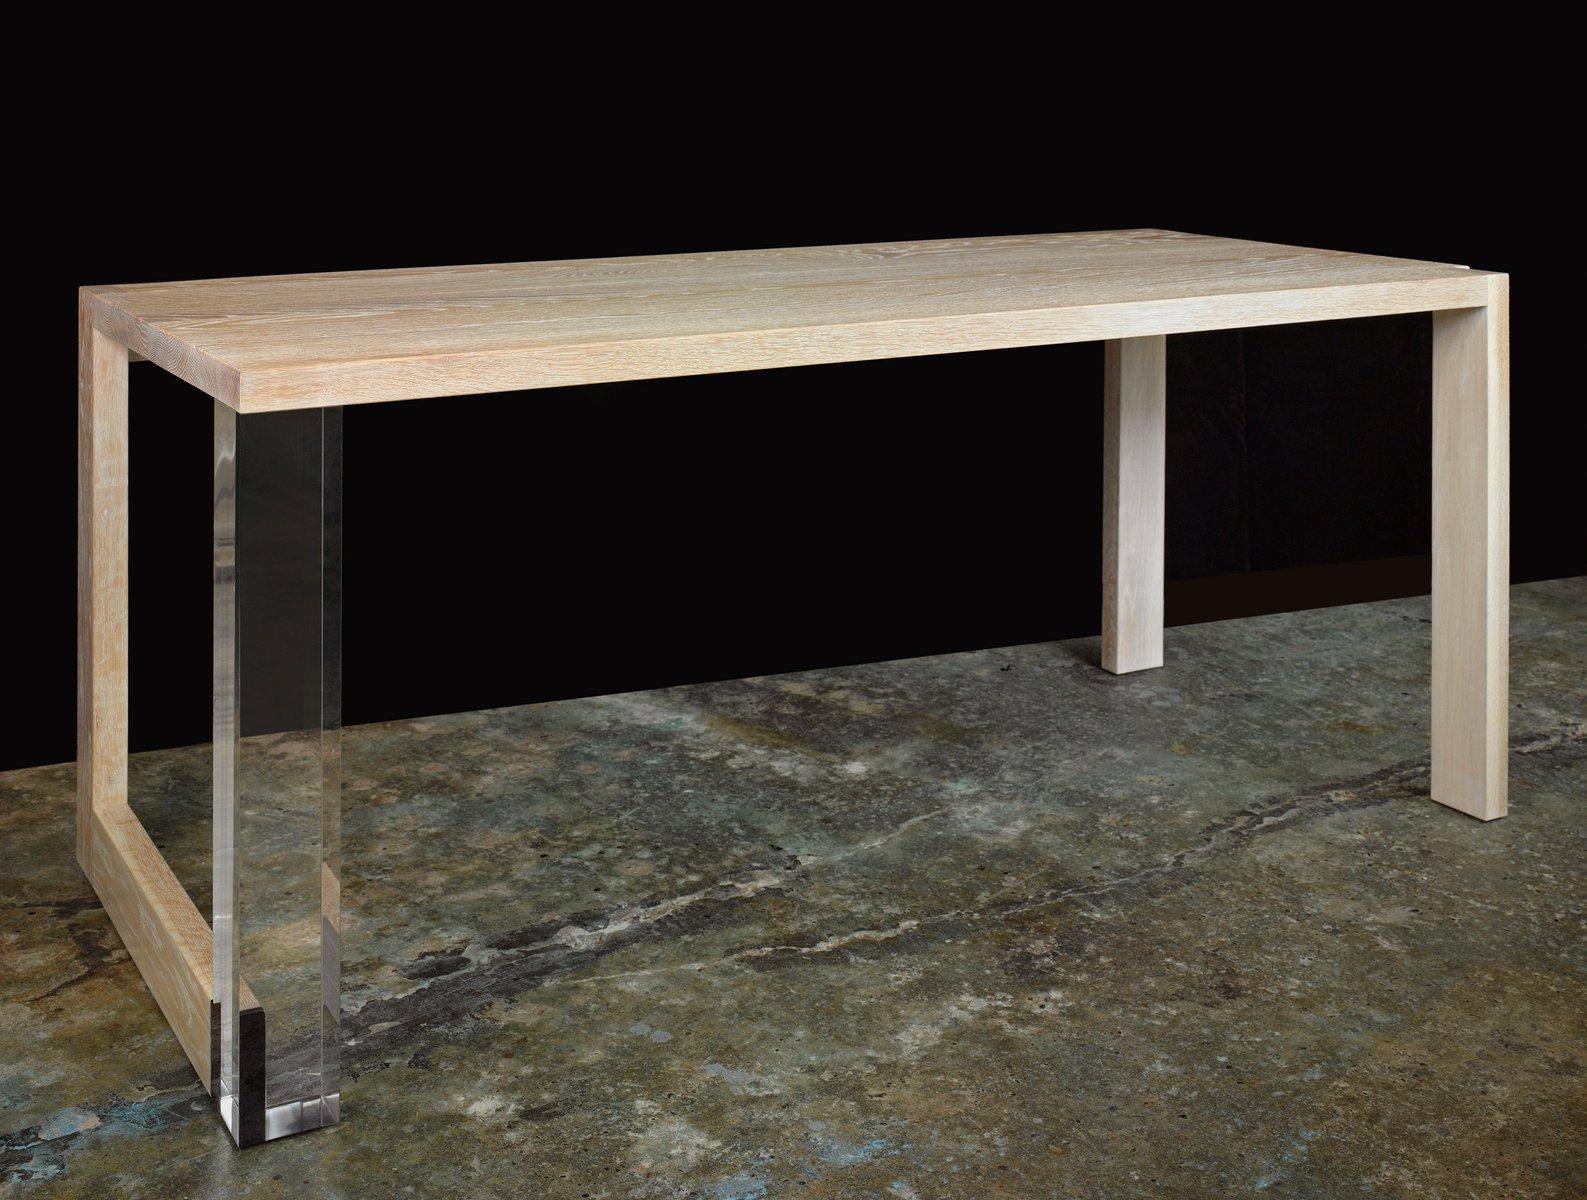 Tisch aus gekalkter eiche und plexiglas von paul kelley for Plexiglas tisch design